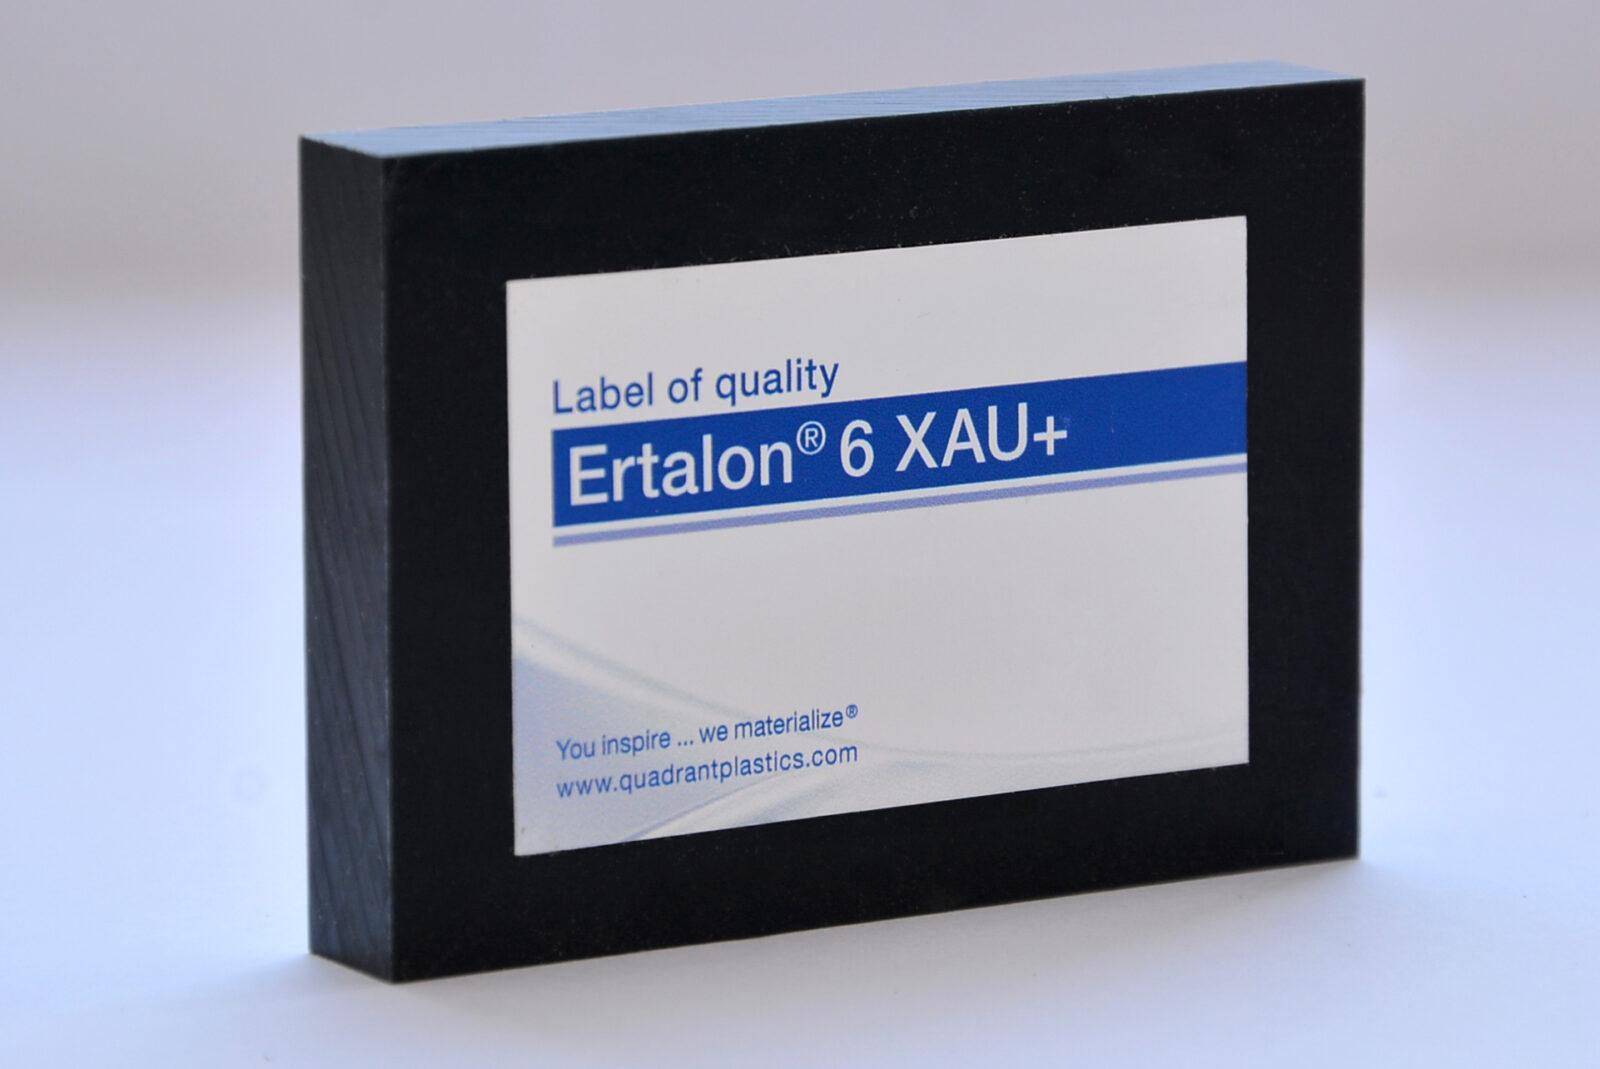 Ertalon® 6 XAU+ PA6